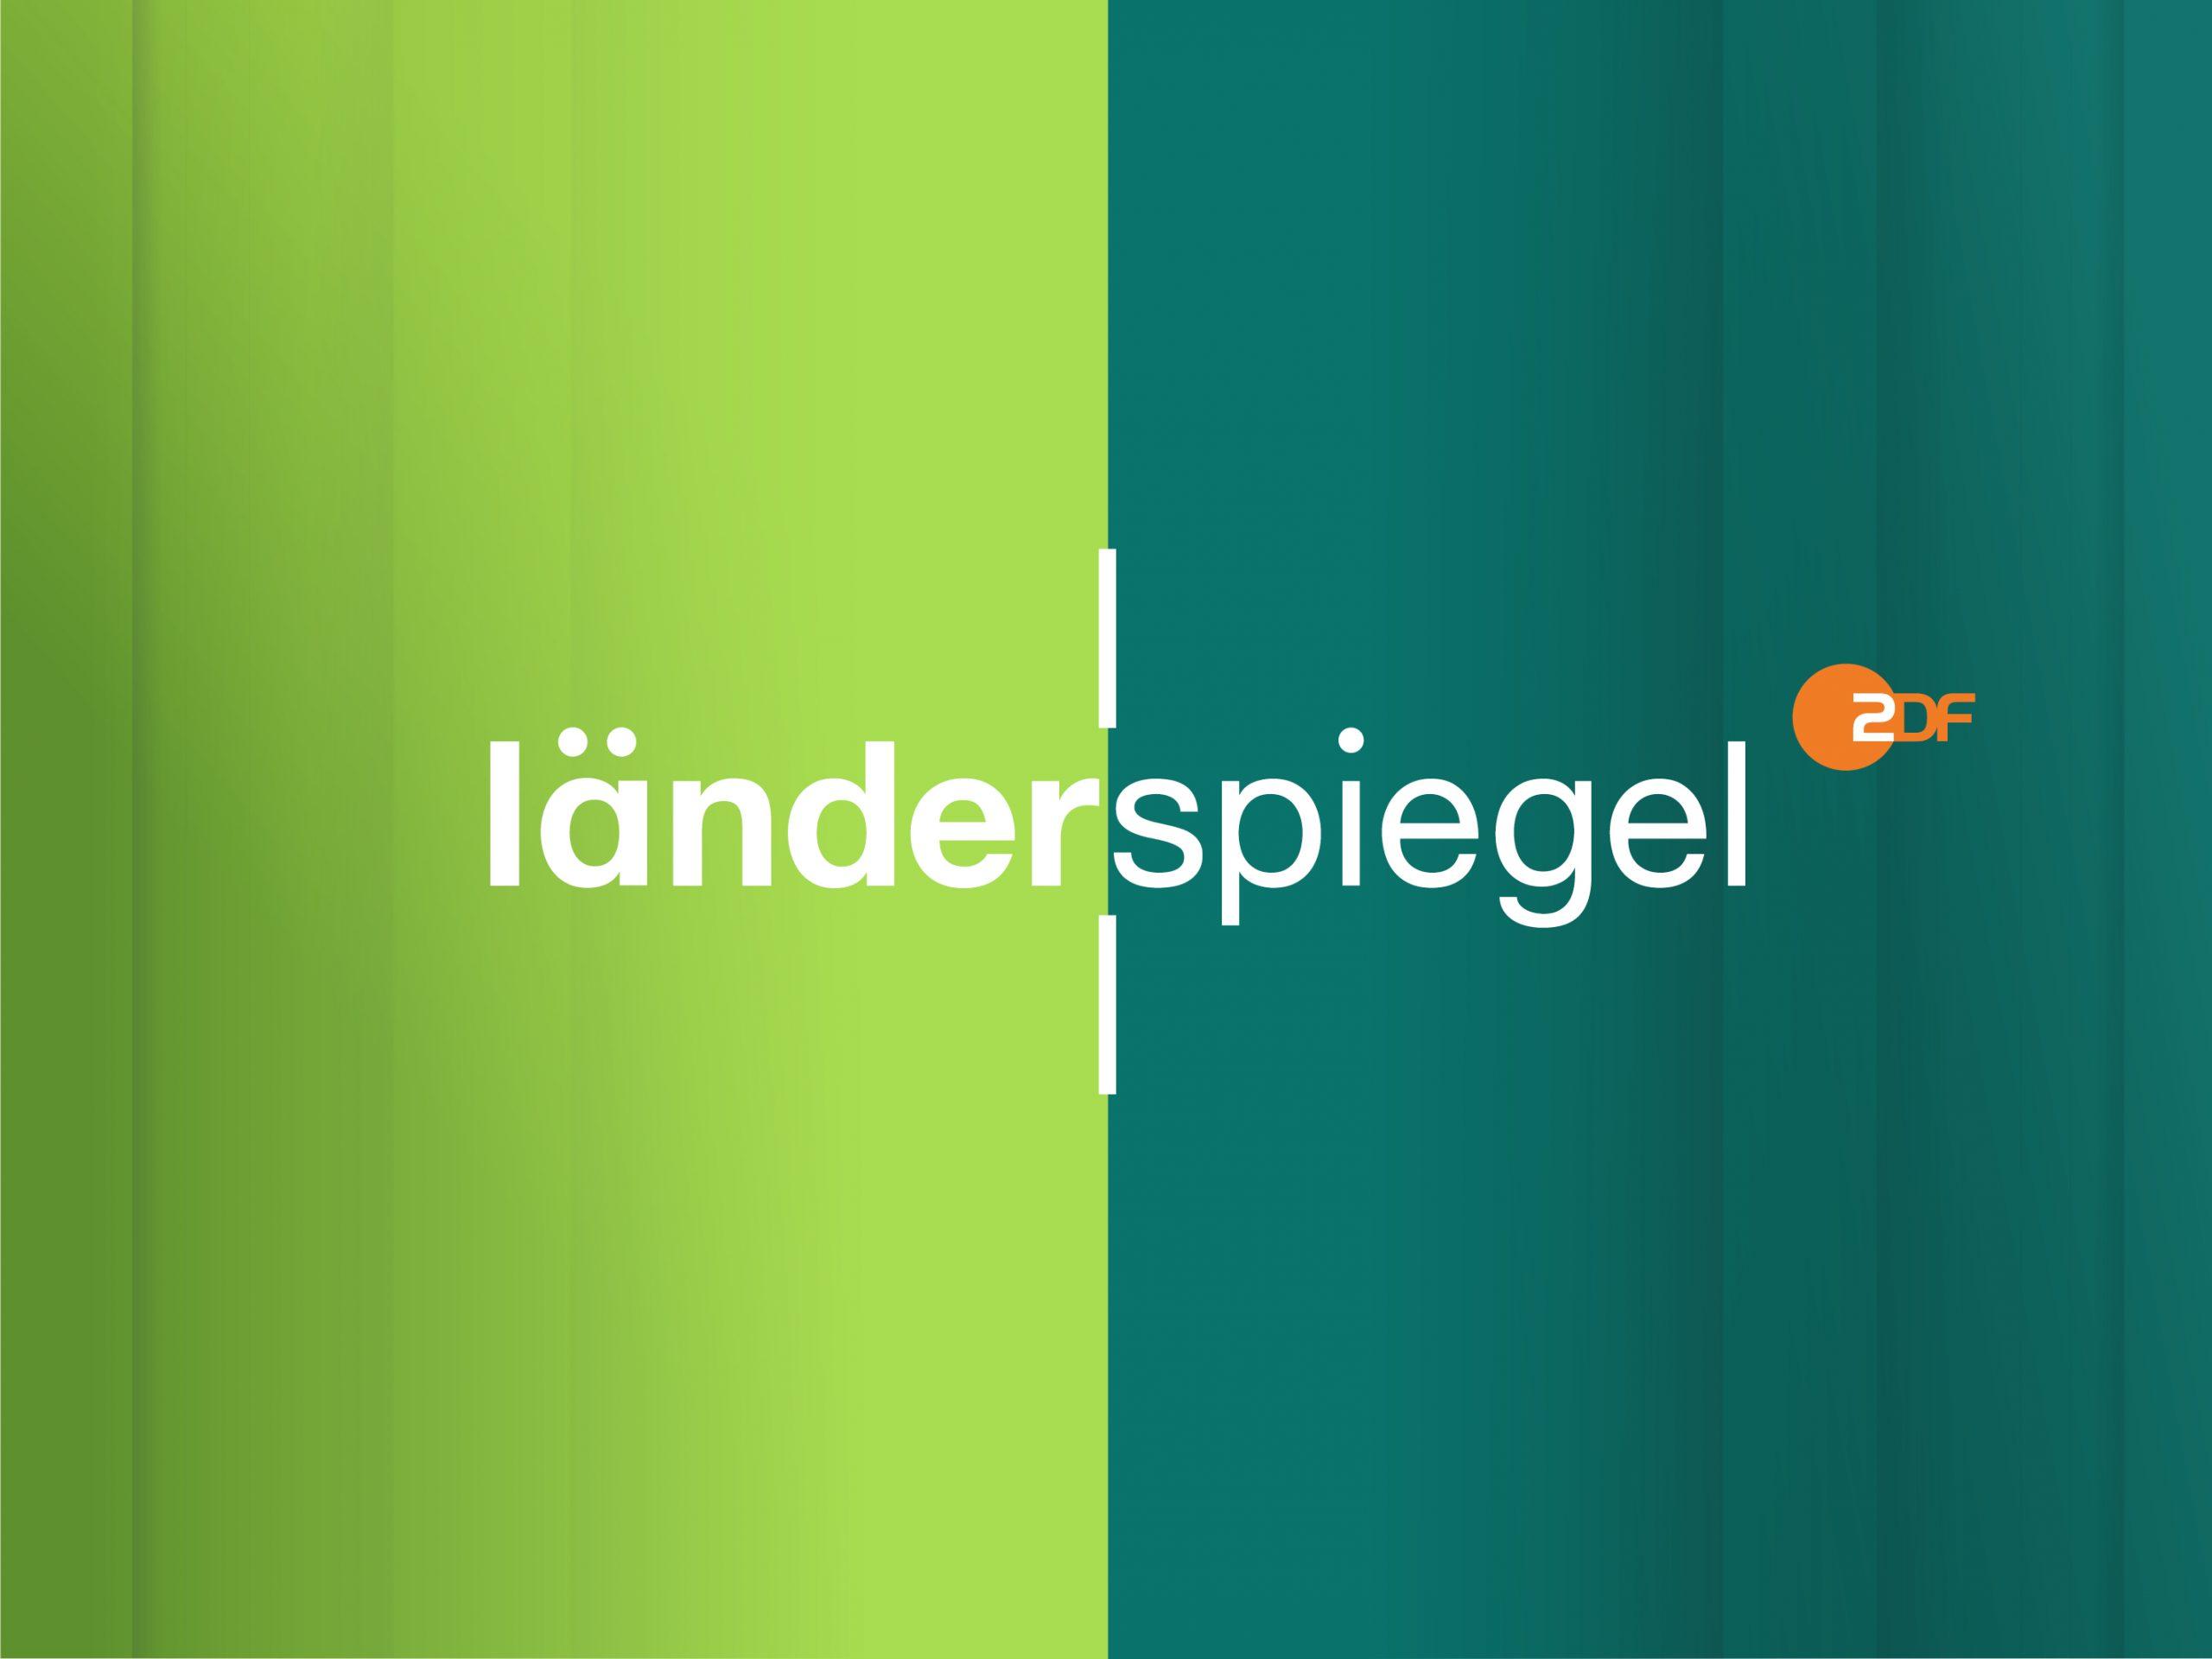 ZDF Länderspiegel